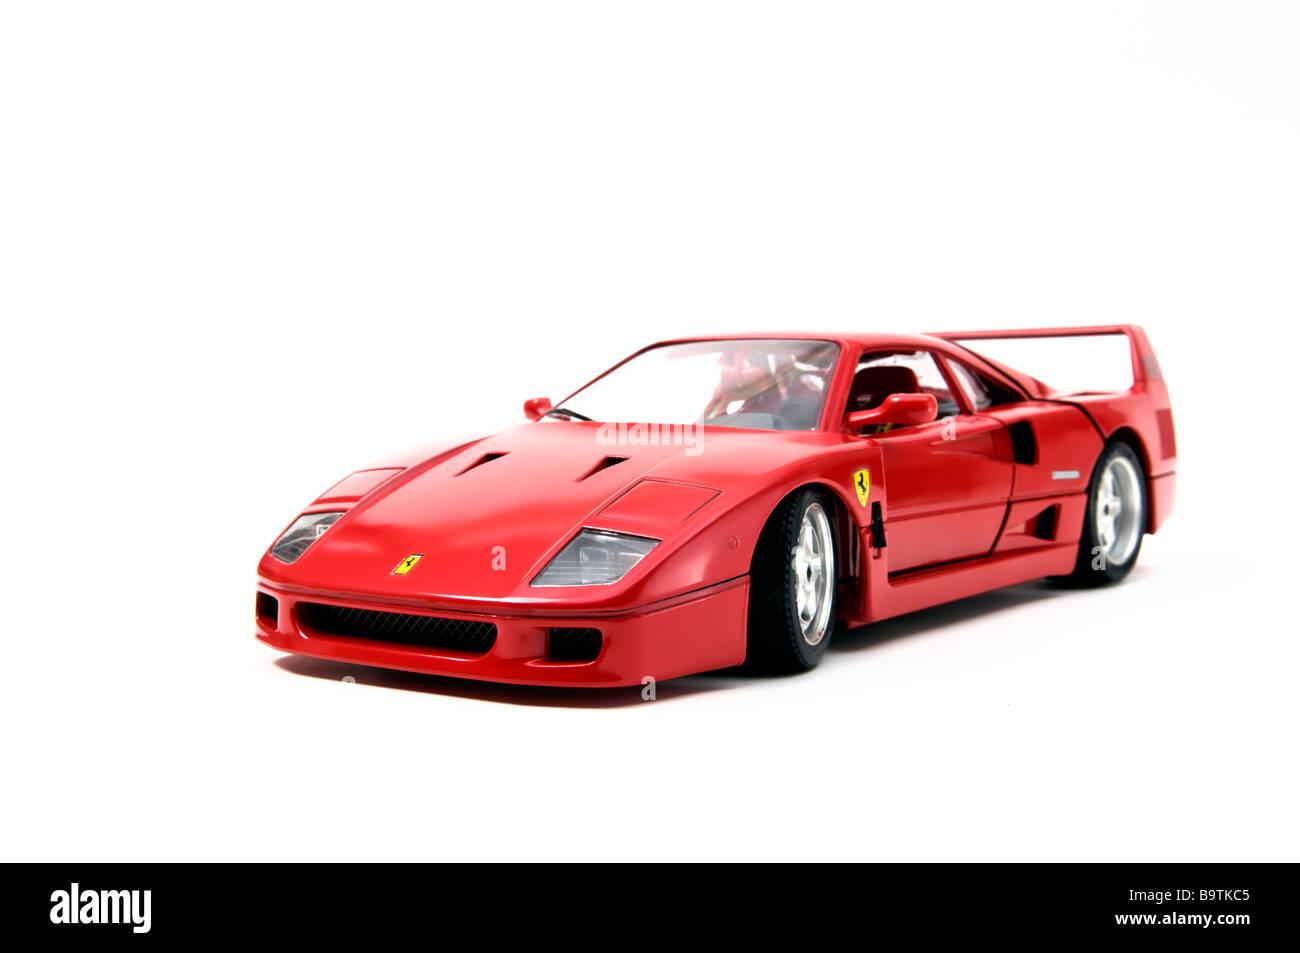 Ferrari Par D'un Réplique Miniature F40 Modèle Rouge Voiture JuFcTK1l3